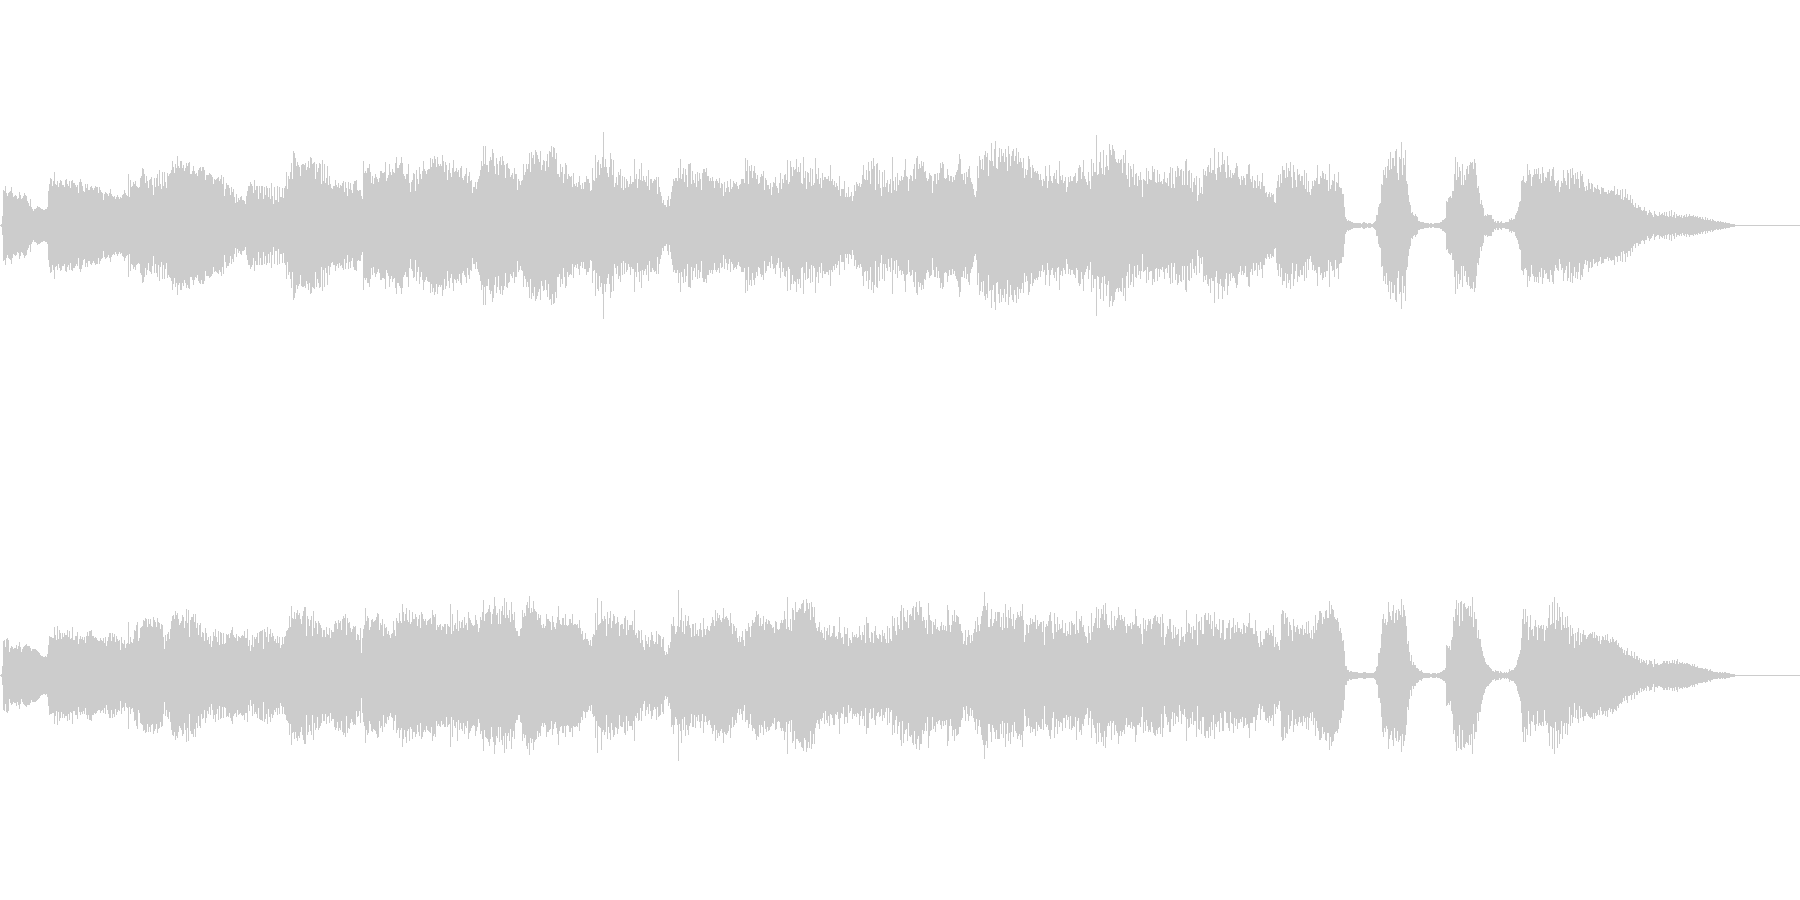 ジャズとポップスを組み合わせたBGMの未再生の波形